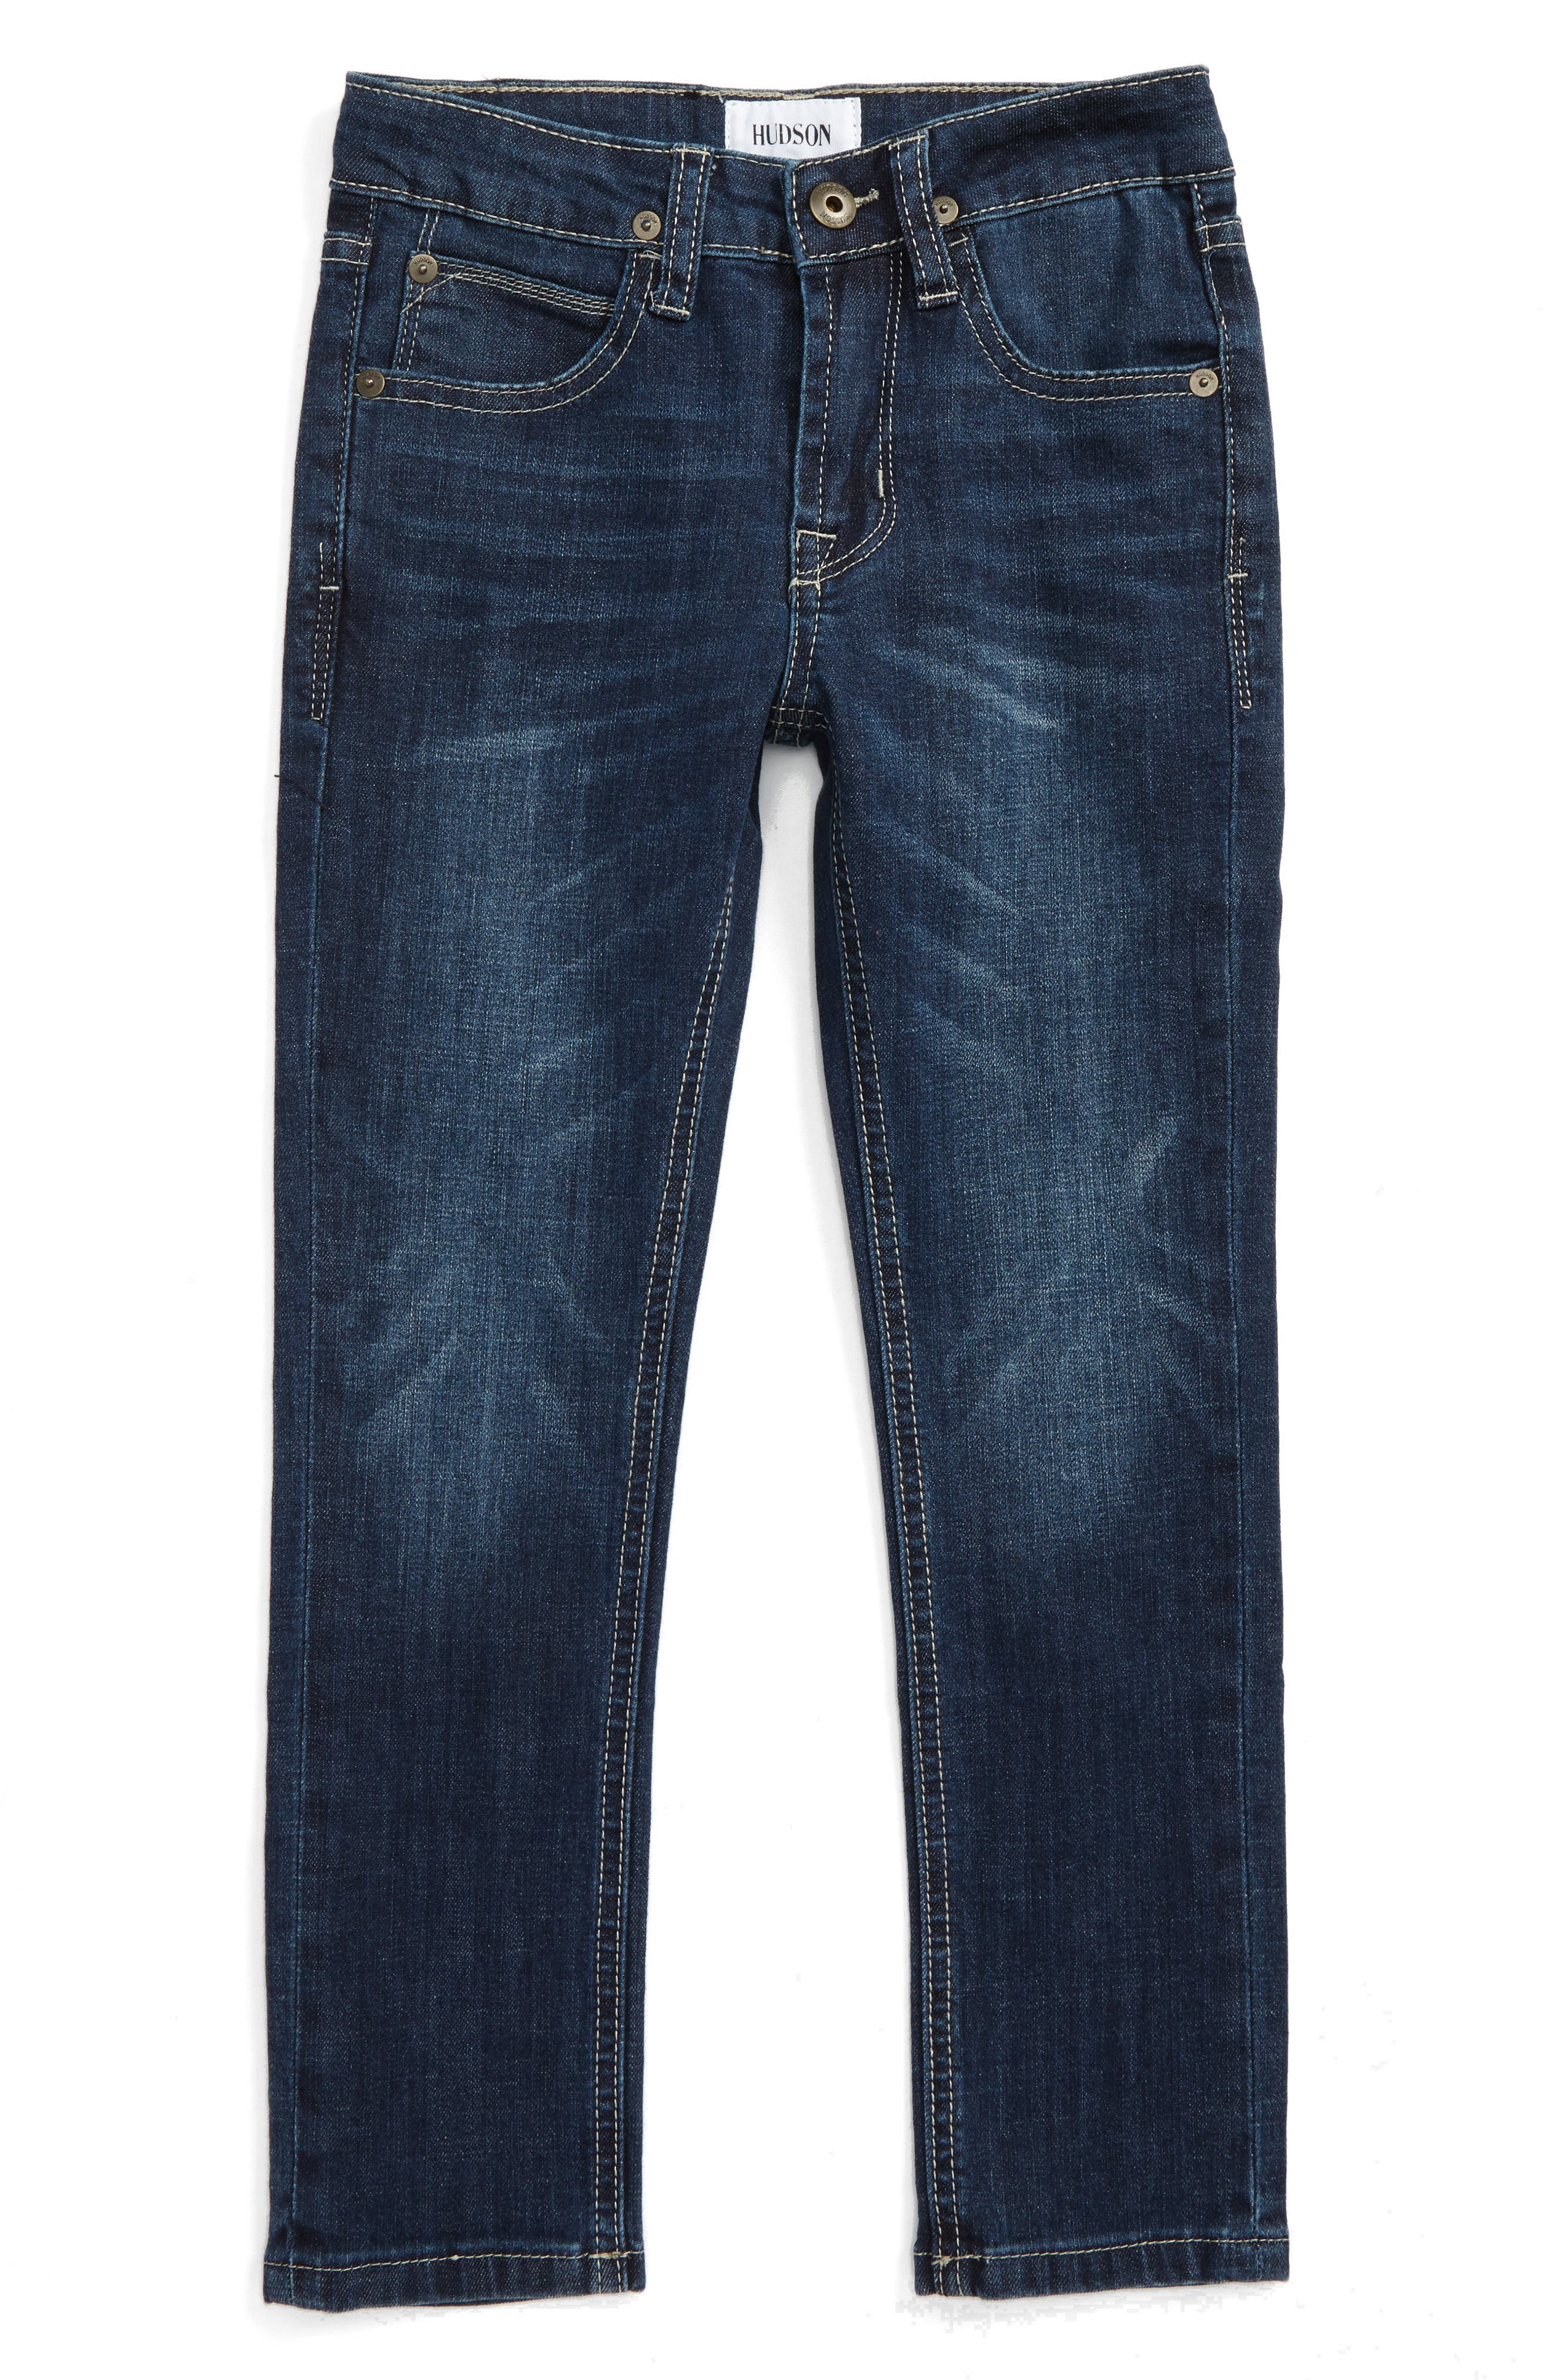 Hudson Kids Jude Slim Straight Leg Jeans (Toddler Boys & Little Boys)